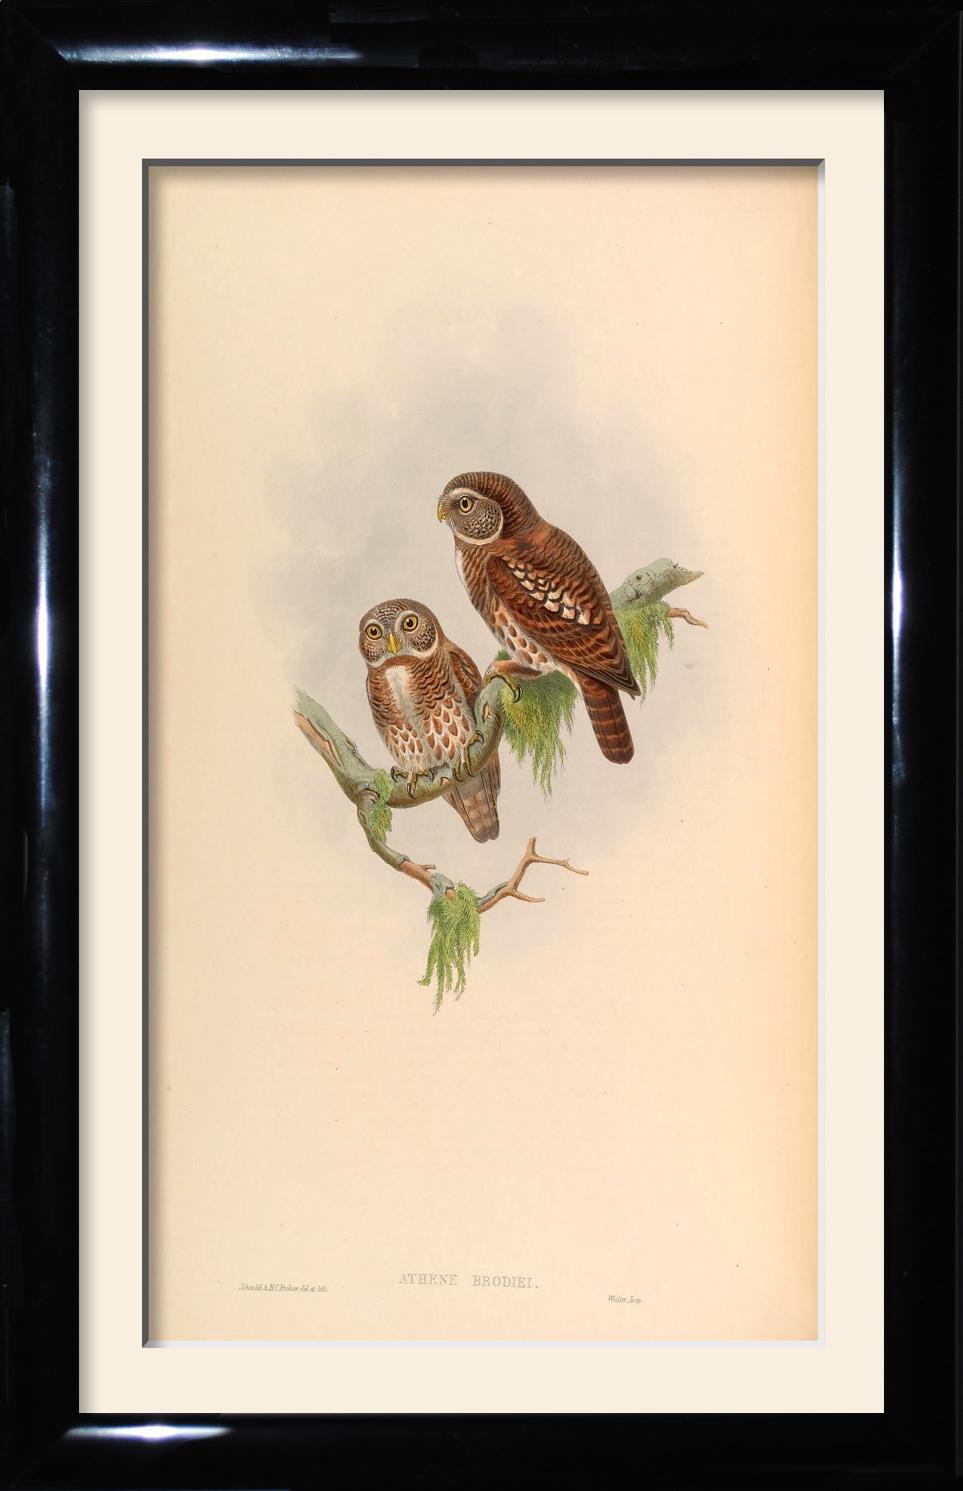 Athene Brodiei - Brodie's Owlet